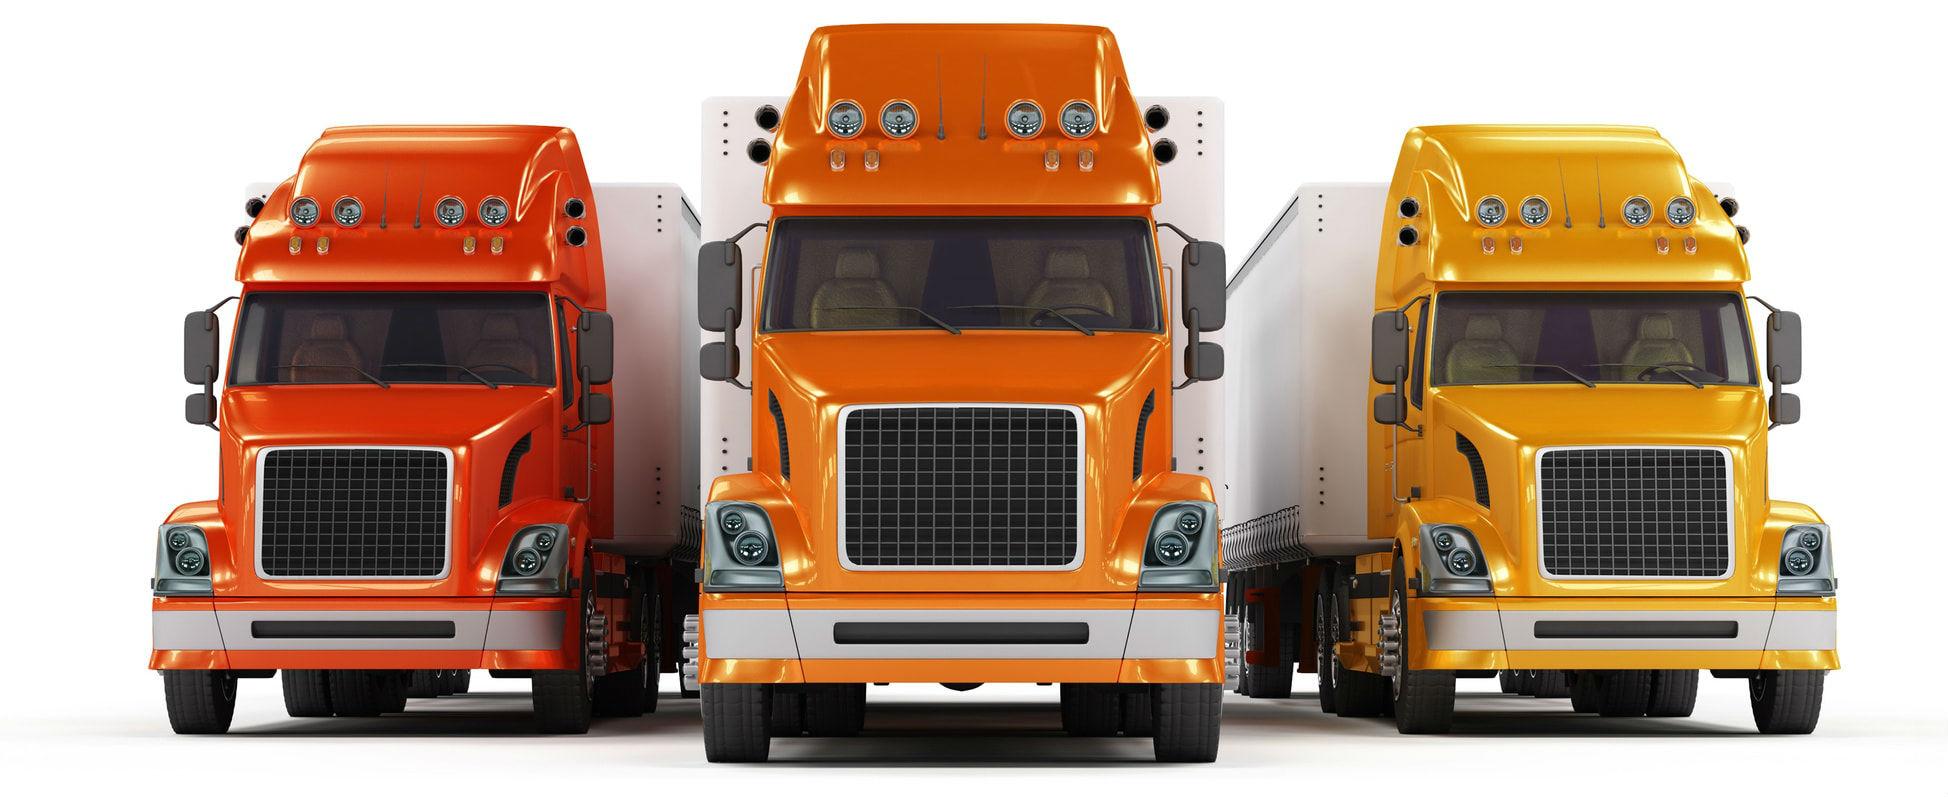 truck-colors-min-1